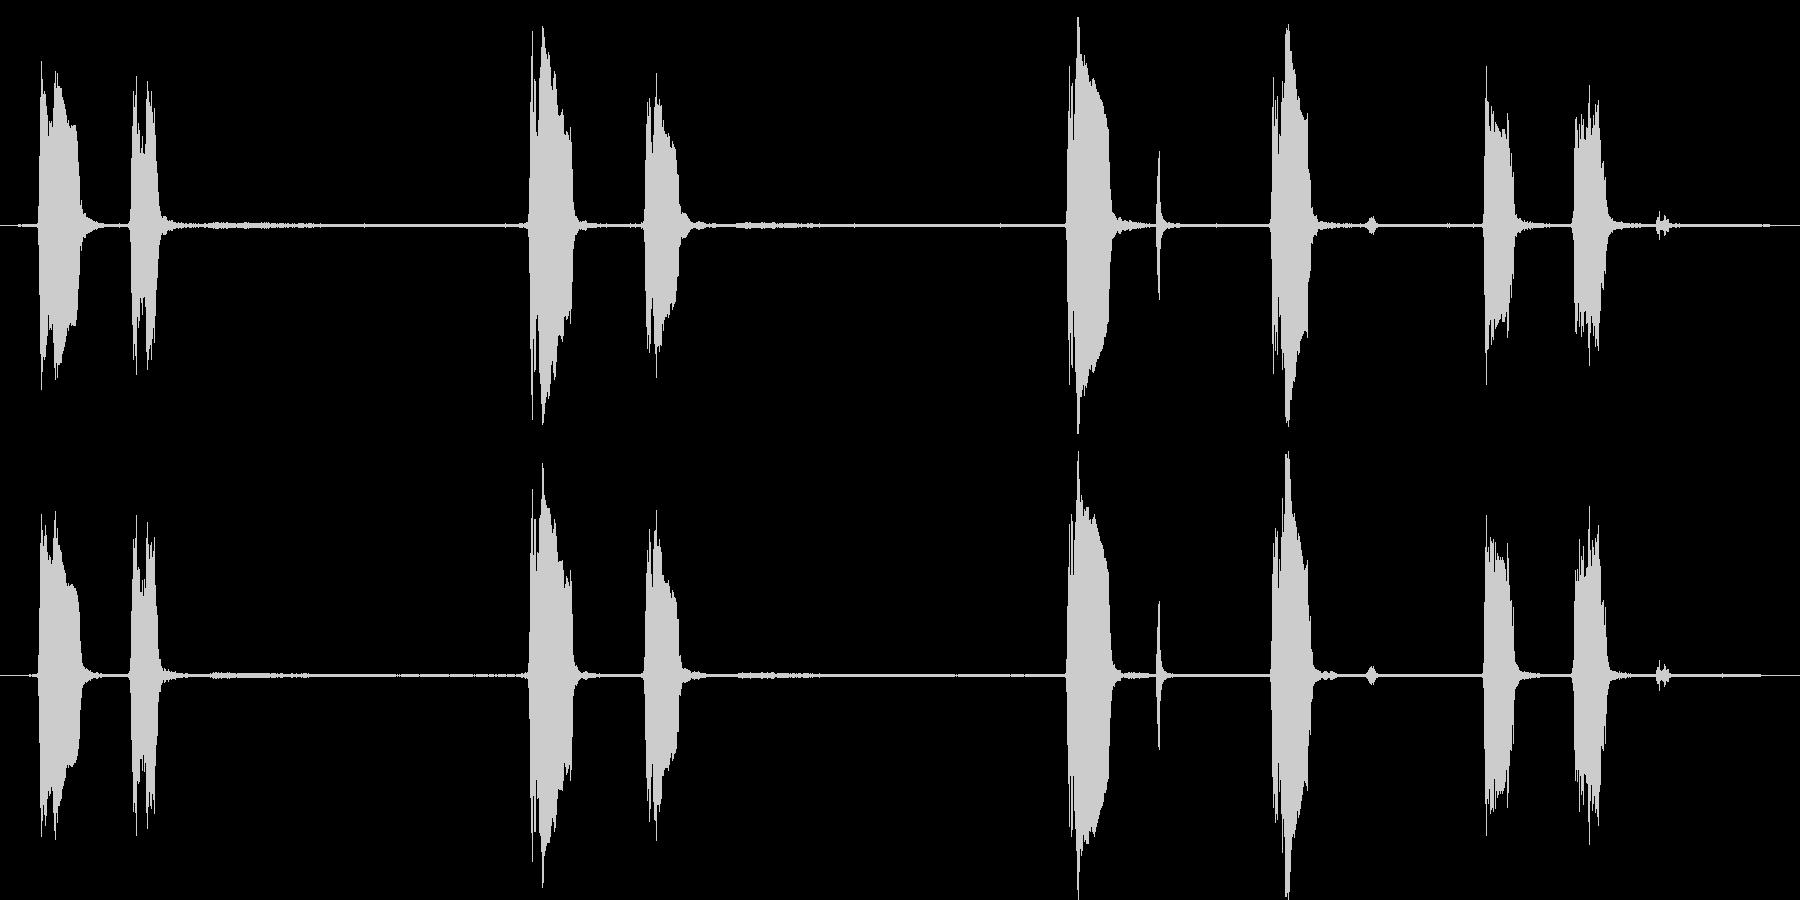 ハウンドドッグ:Barえるとハウリ...の未再生の波形